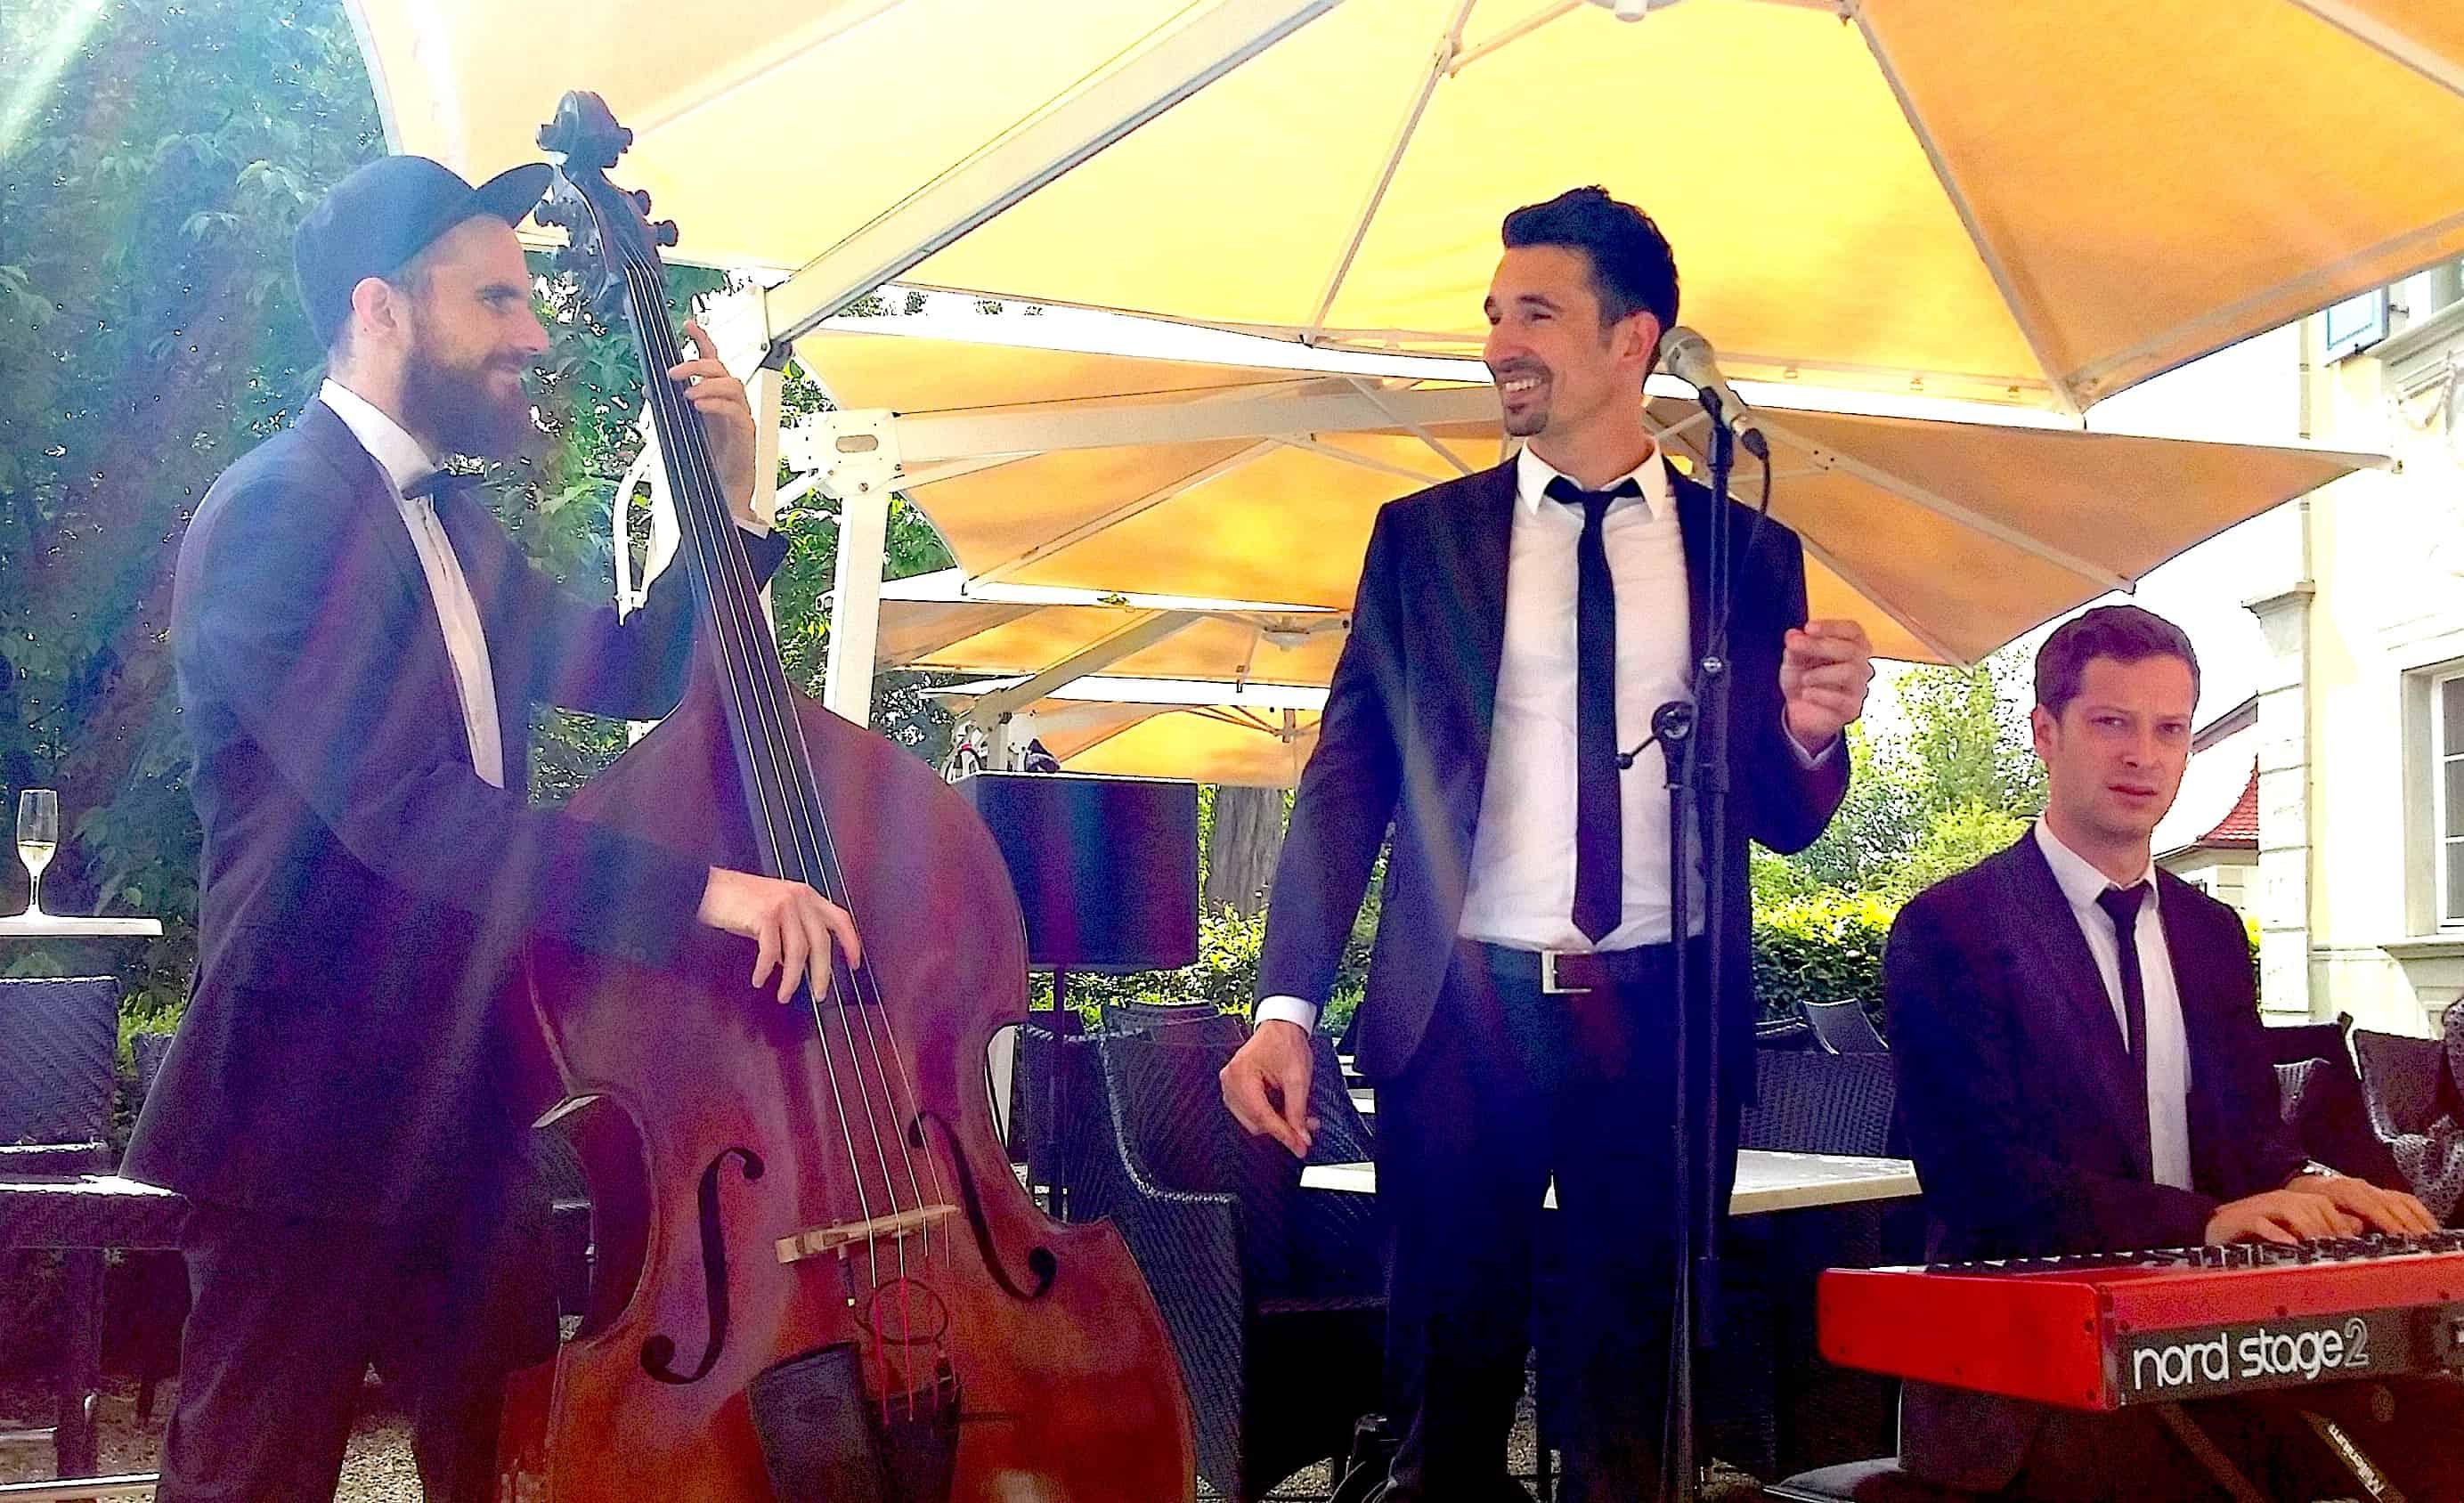 Hochzeitstrio mit Pianist